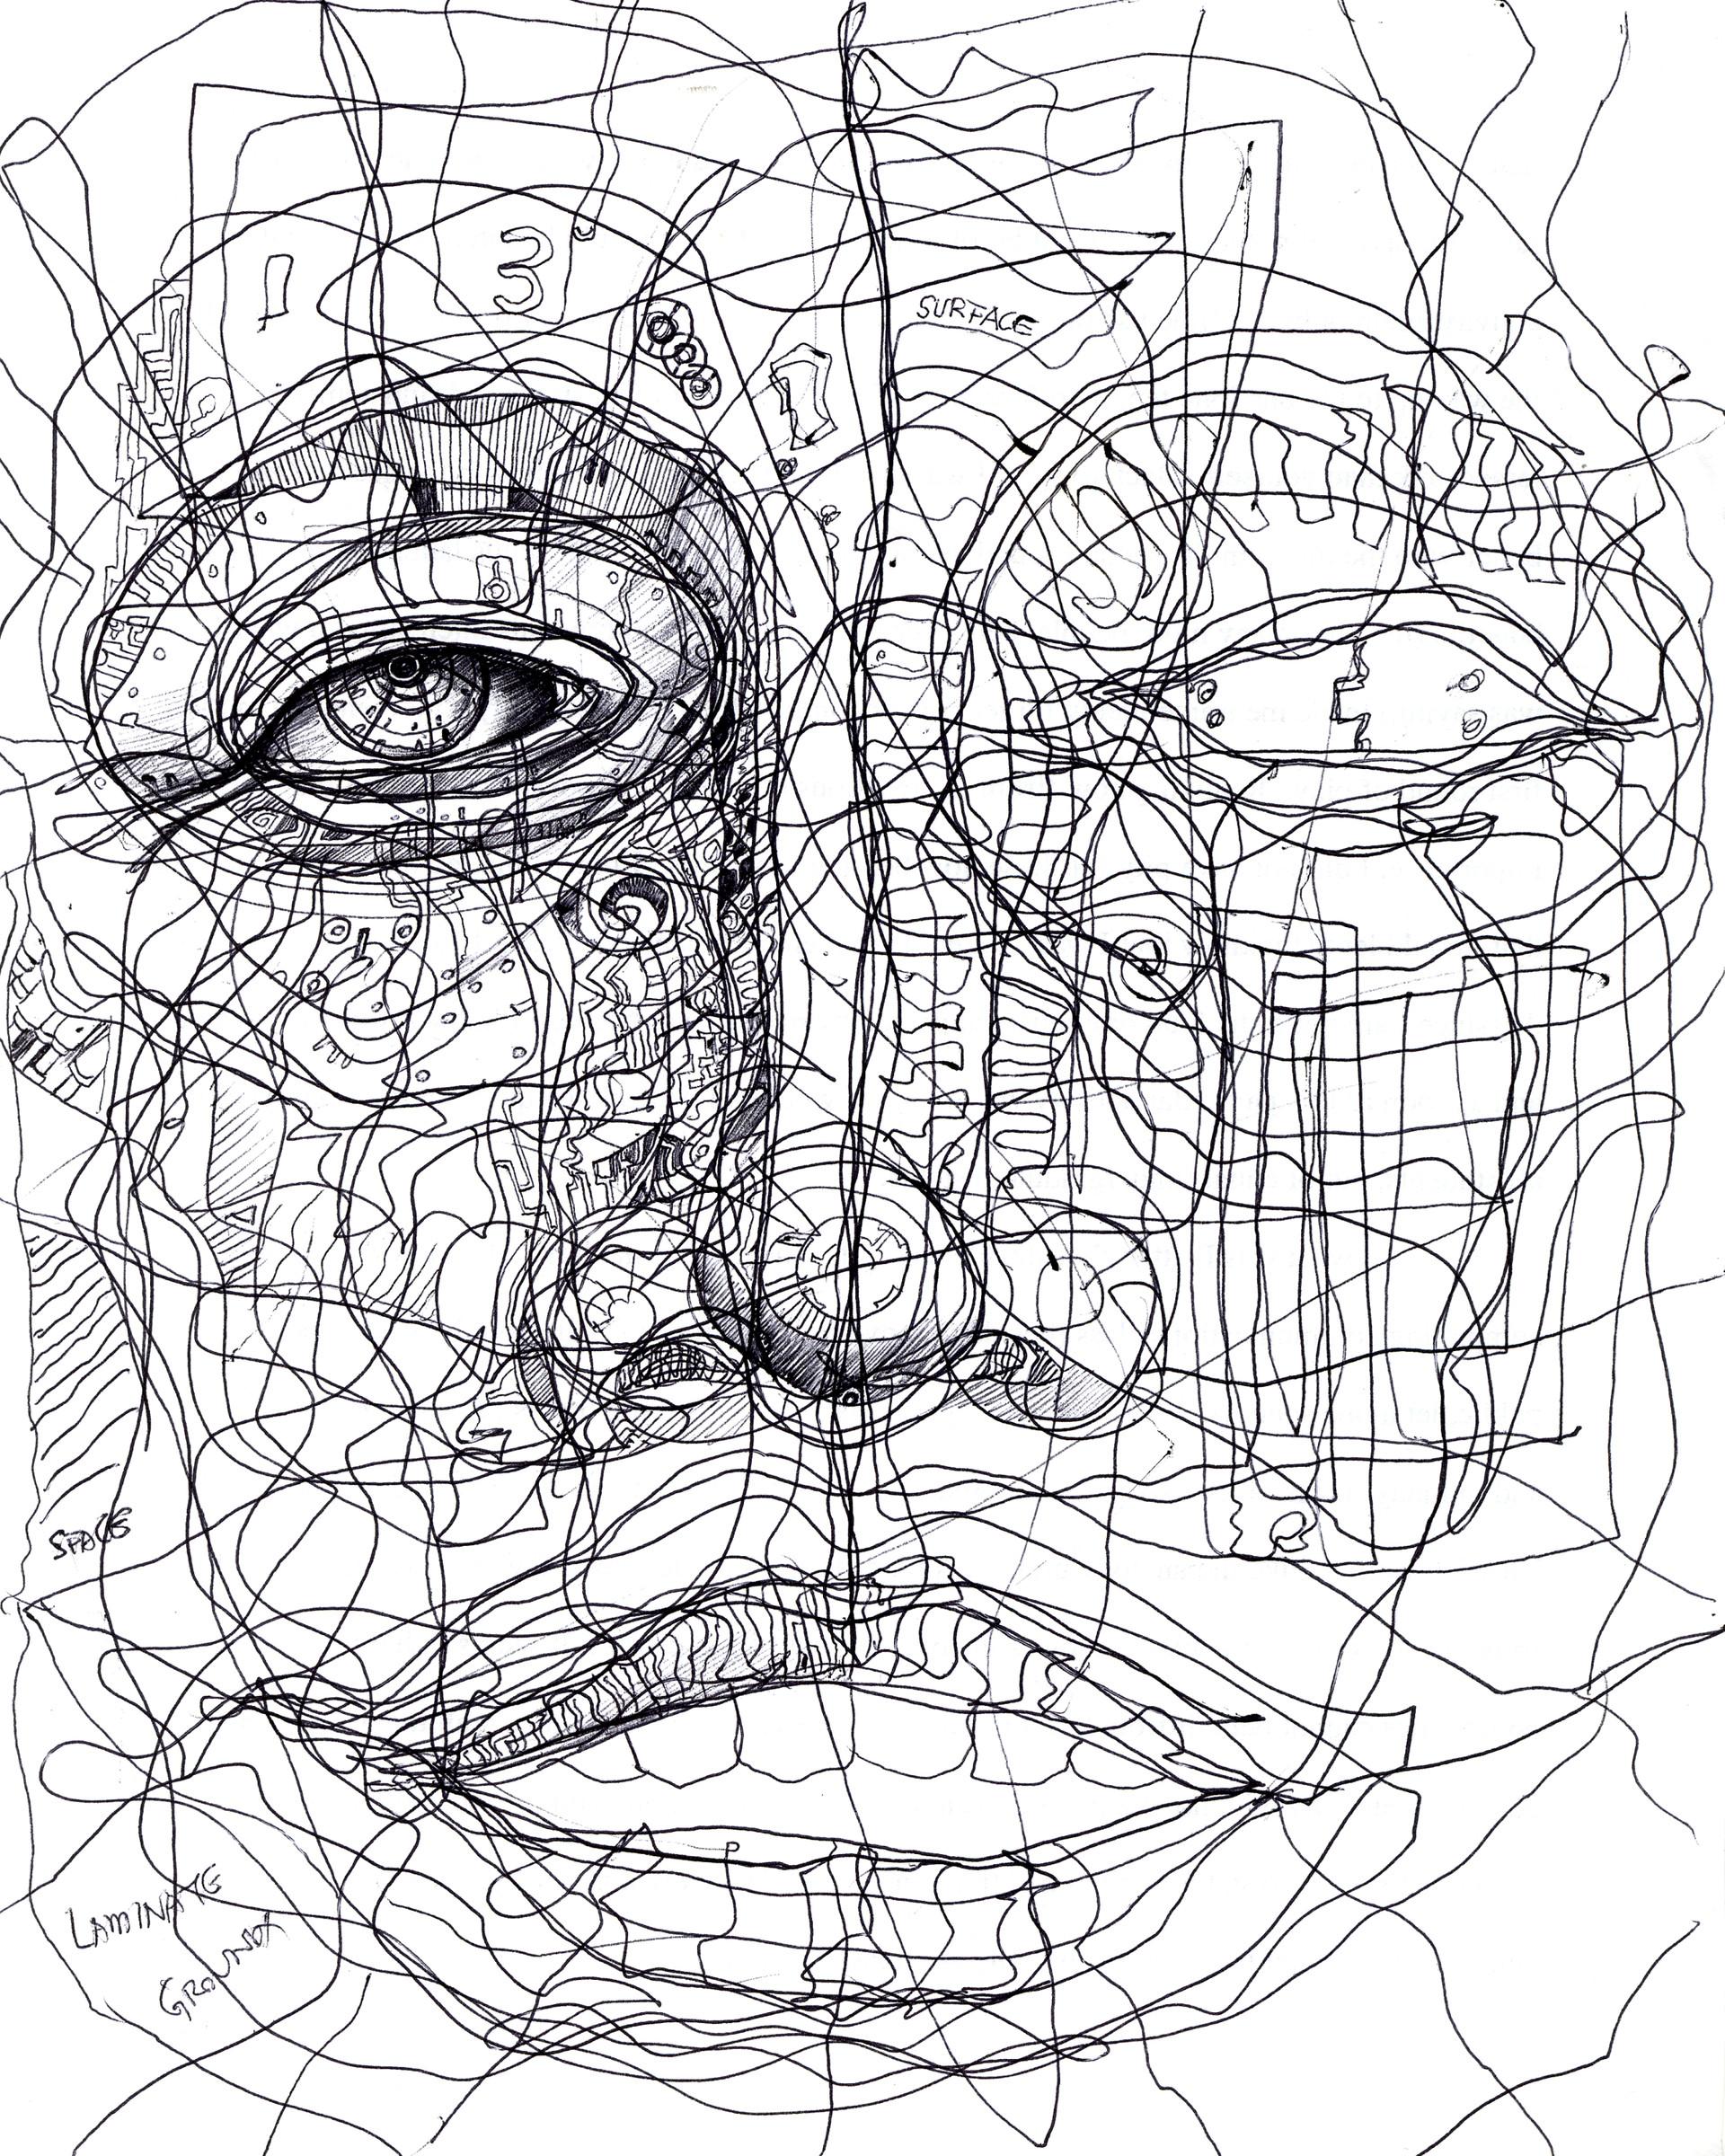 E lynx lineface01